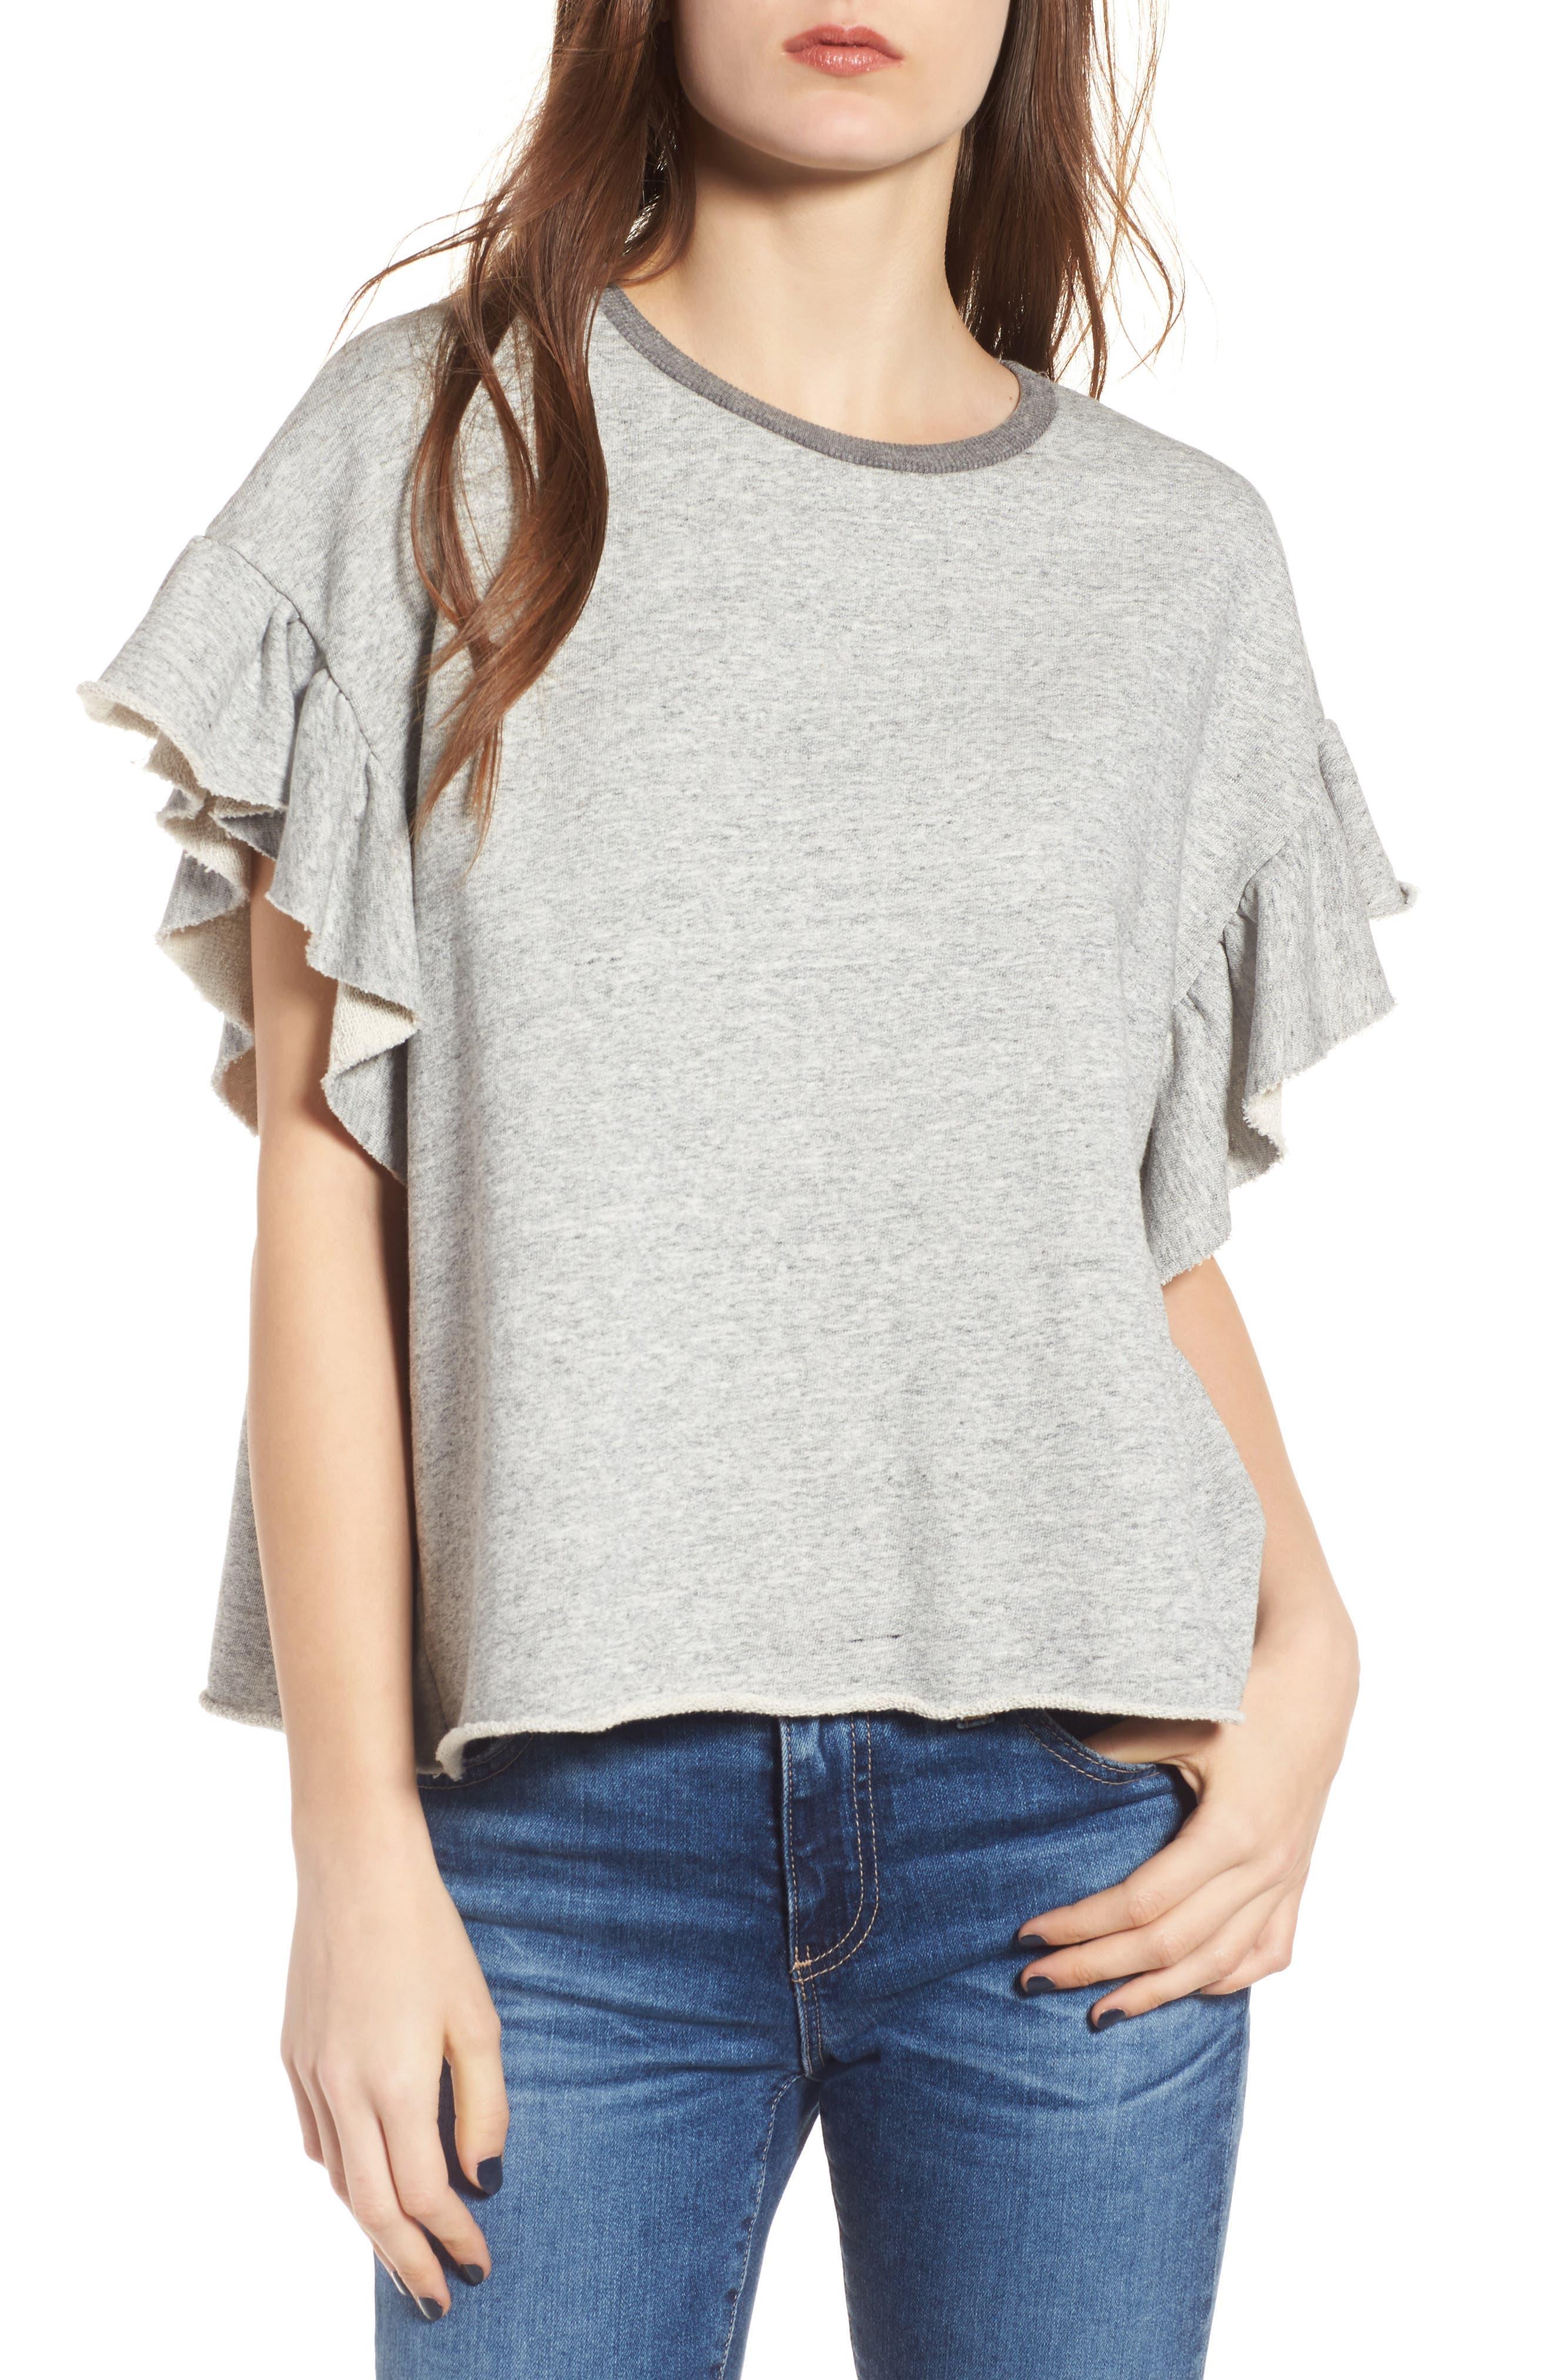 Bes Sweatshirt,                         Main,                         color, Heather Grey